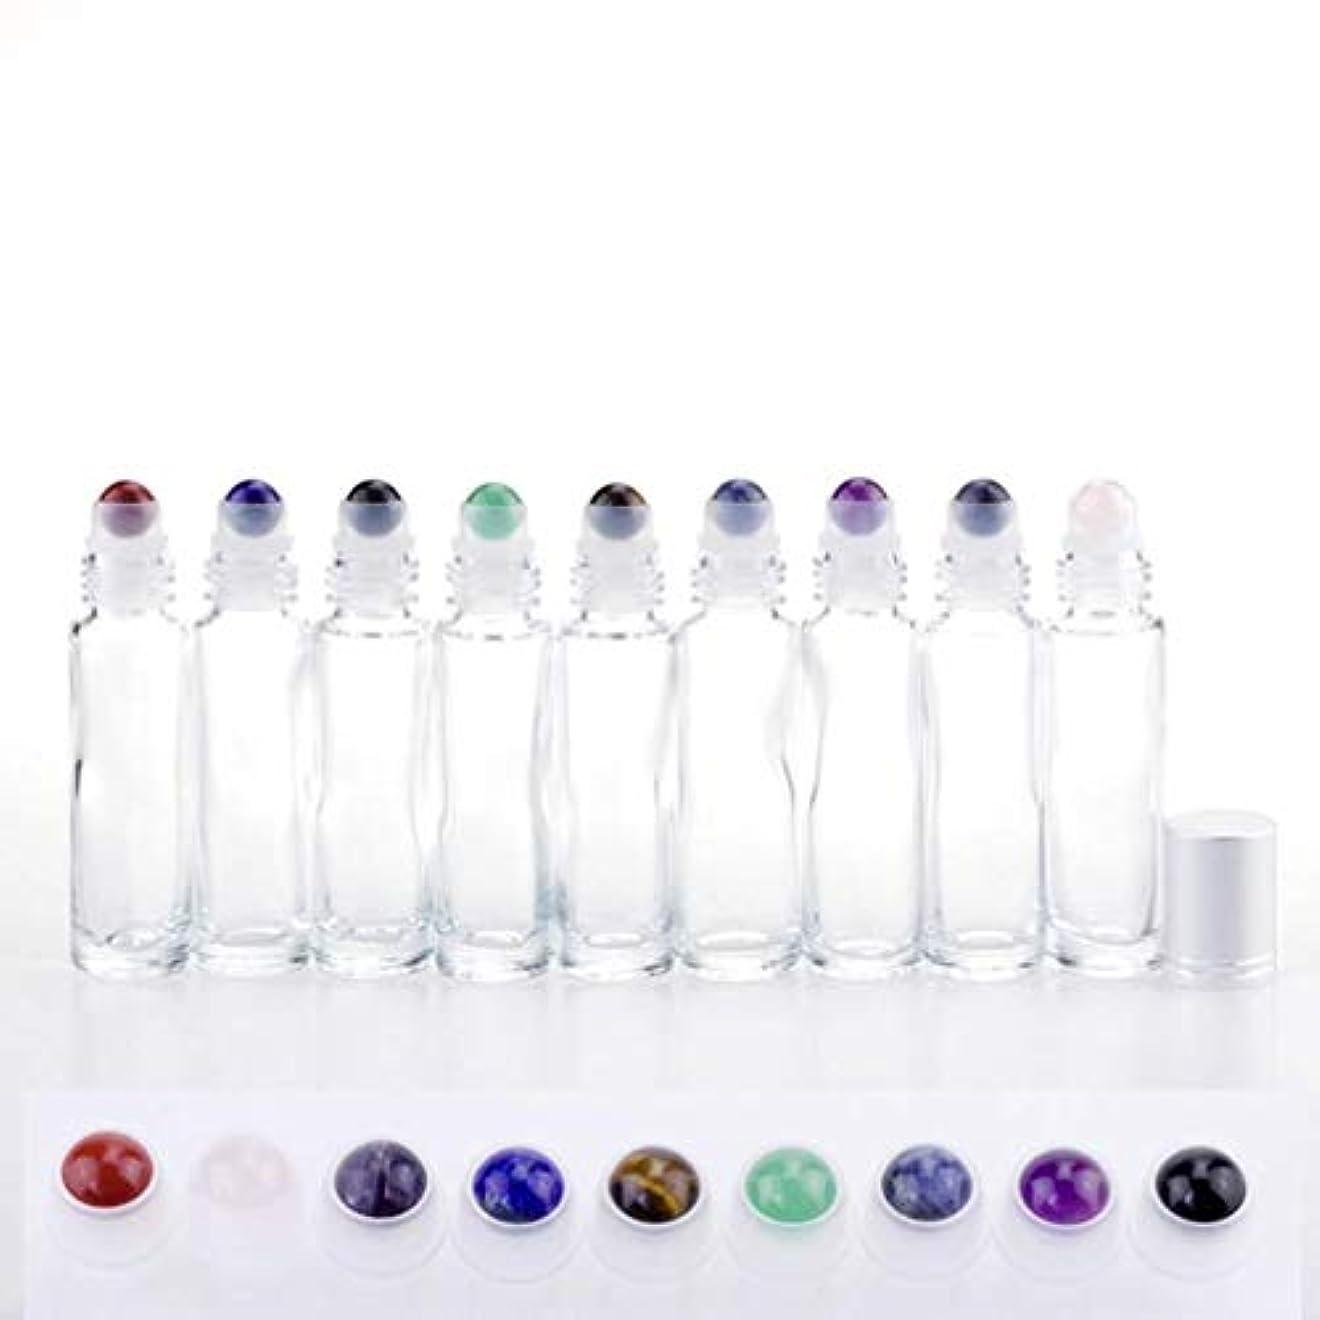 平和意識的火薬ロールオンボトル 化粧品ボトル ローラーボトル 空のボトル ガラス 2 x 2 x 7.2cm